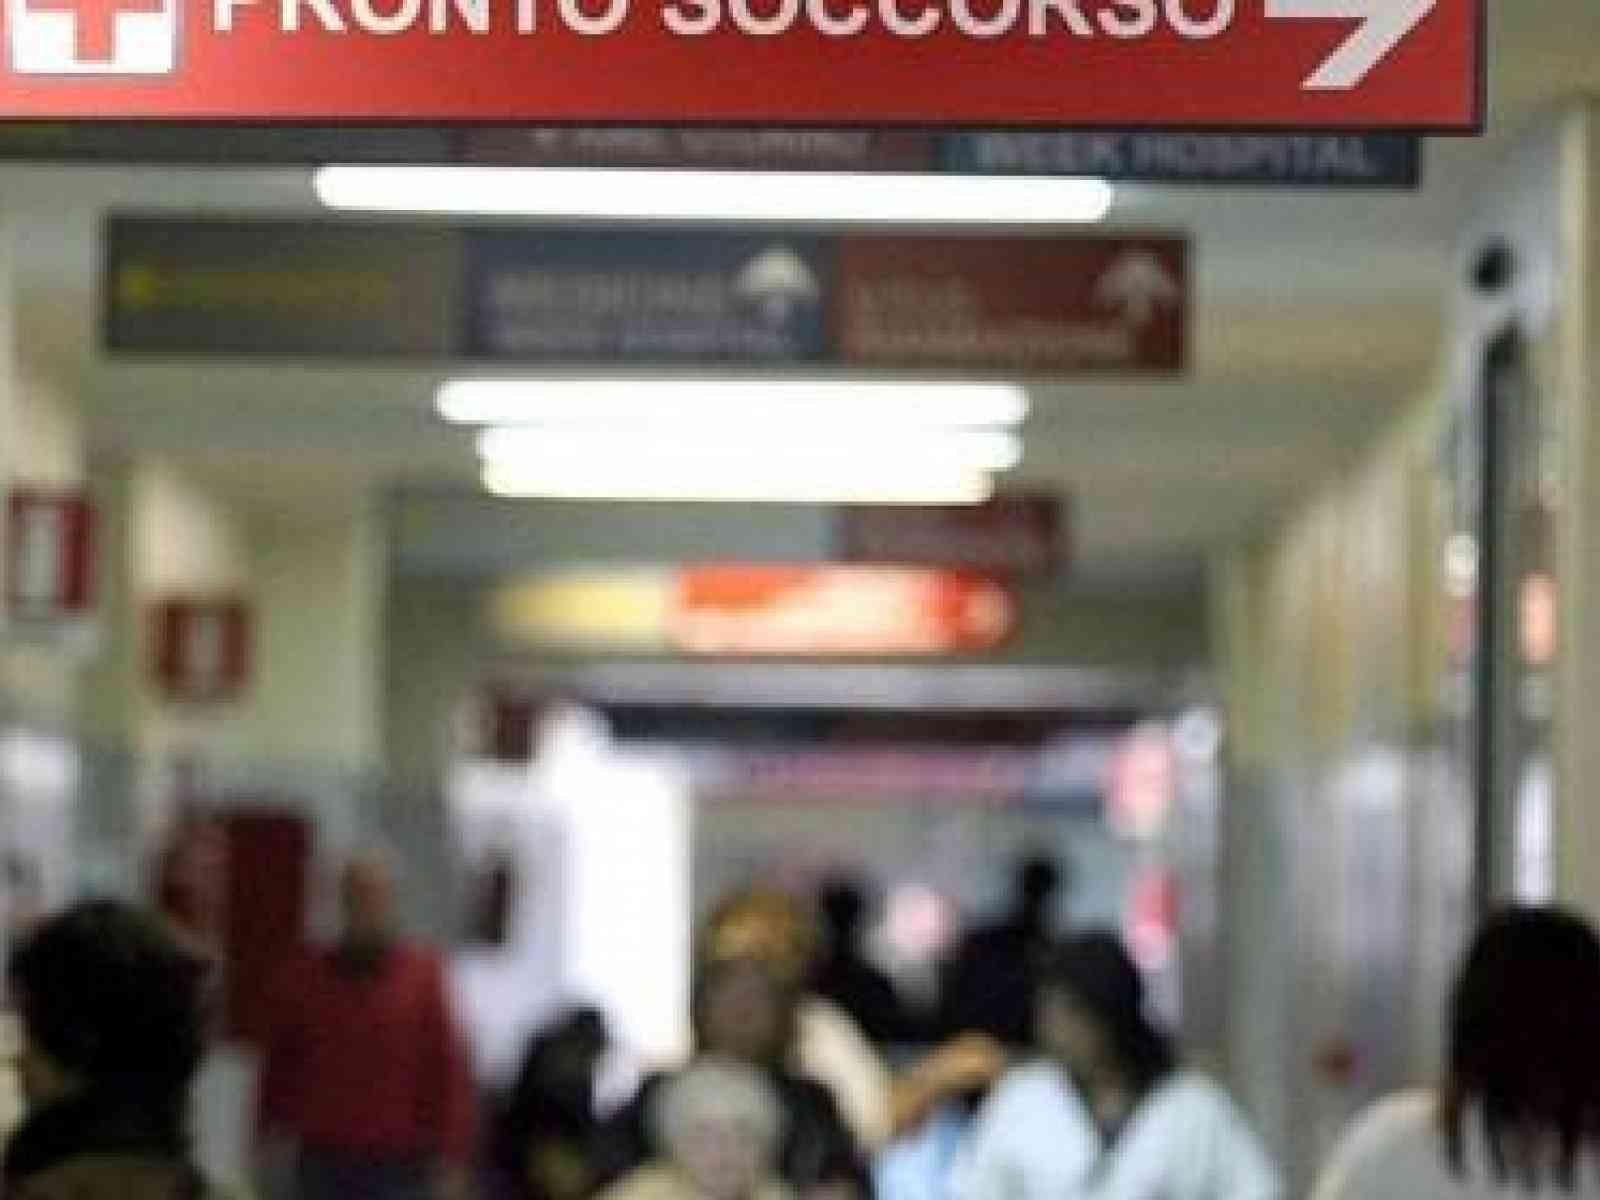 Immagine articolo: Sanità, al via a Palermo l'ampliamento del Pronto soccorso di Villa Sofia